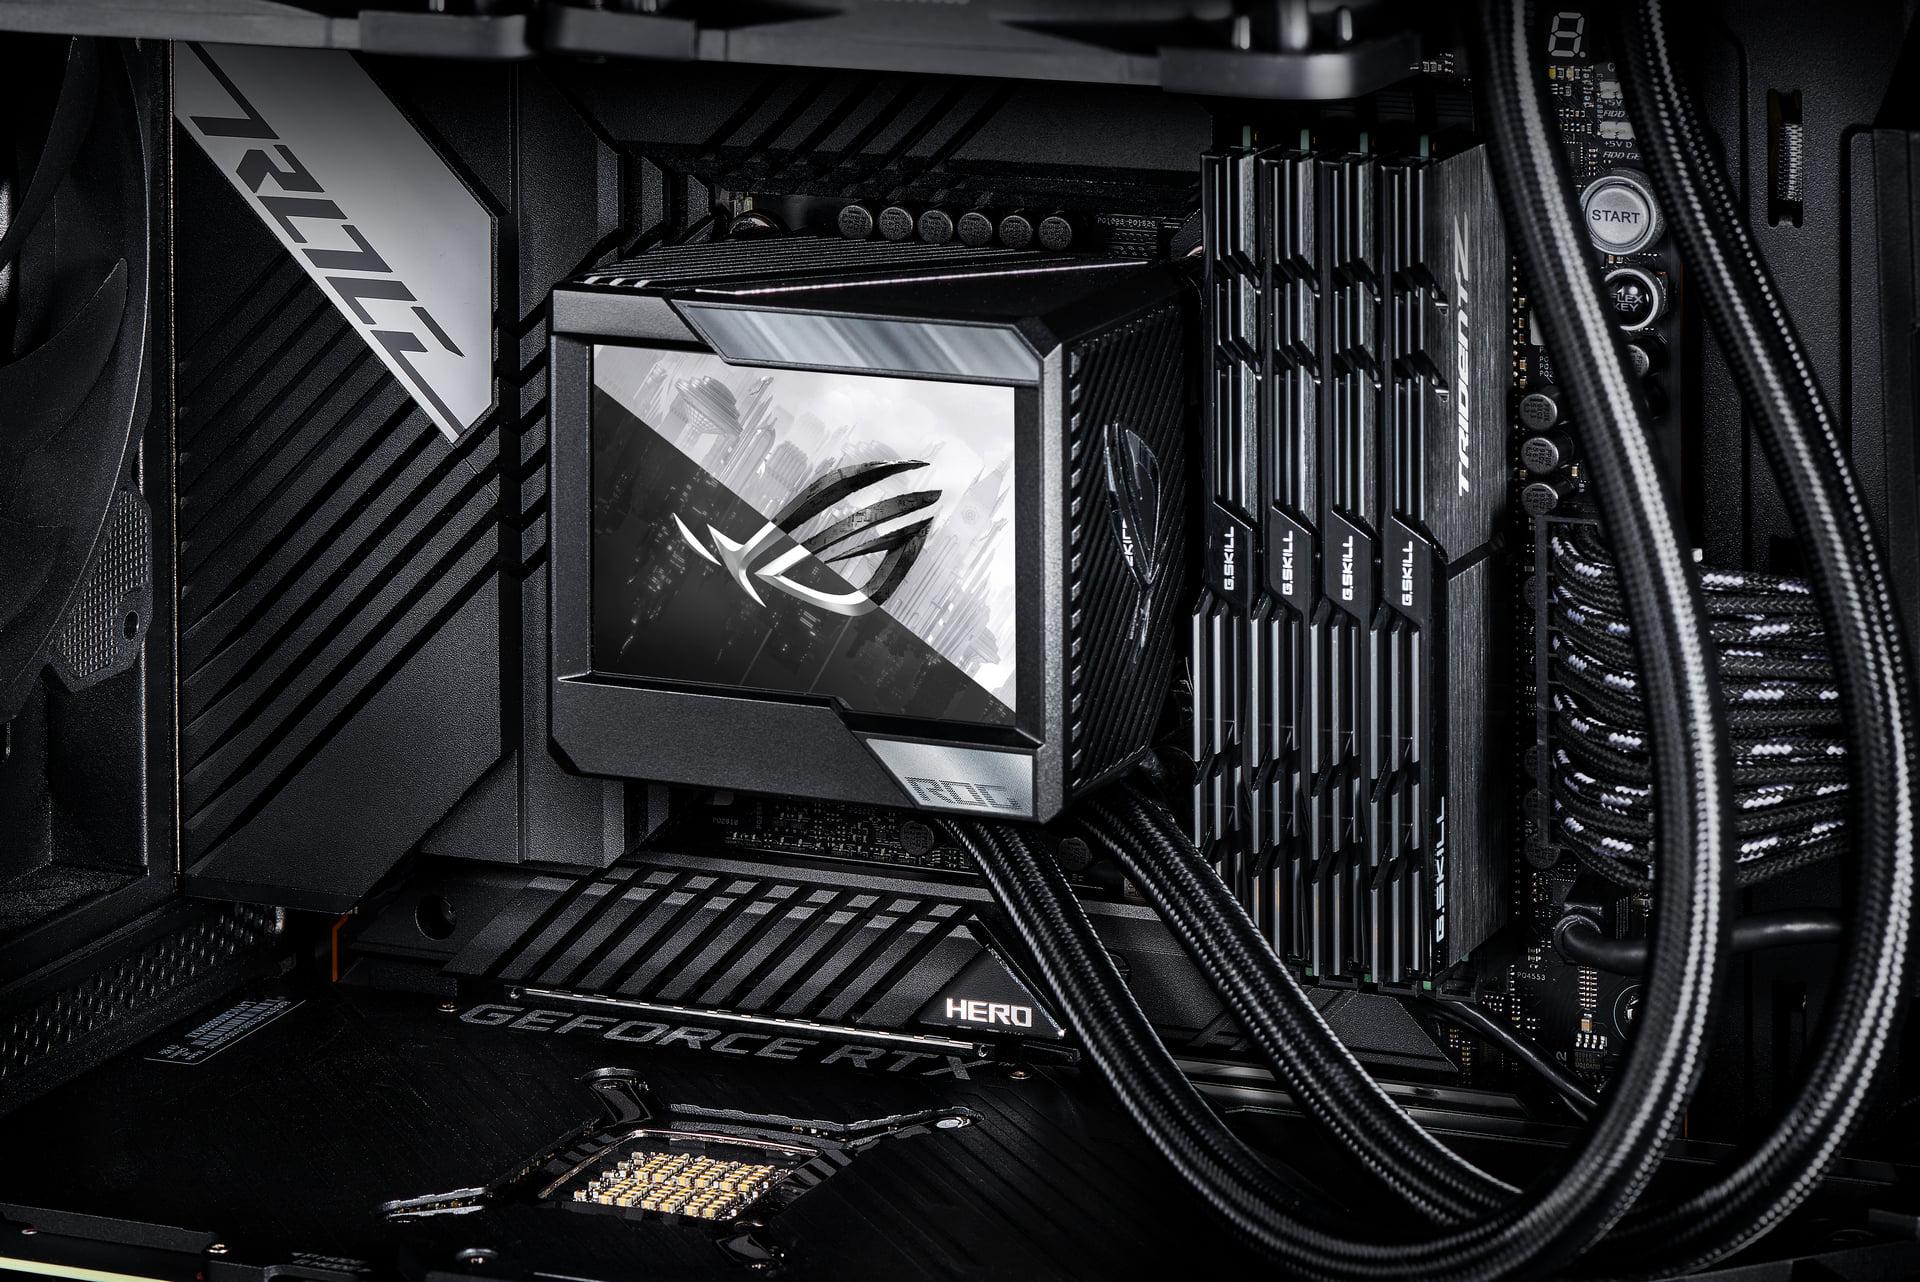 ASUS оснастила 3,5-дюймовым экраном процессорные СЖО линейки ROG Ryujin II